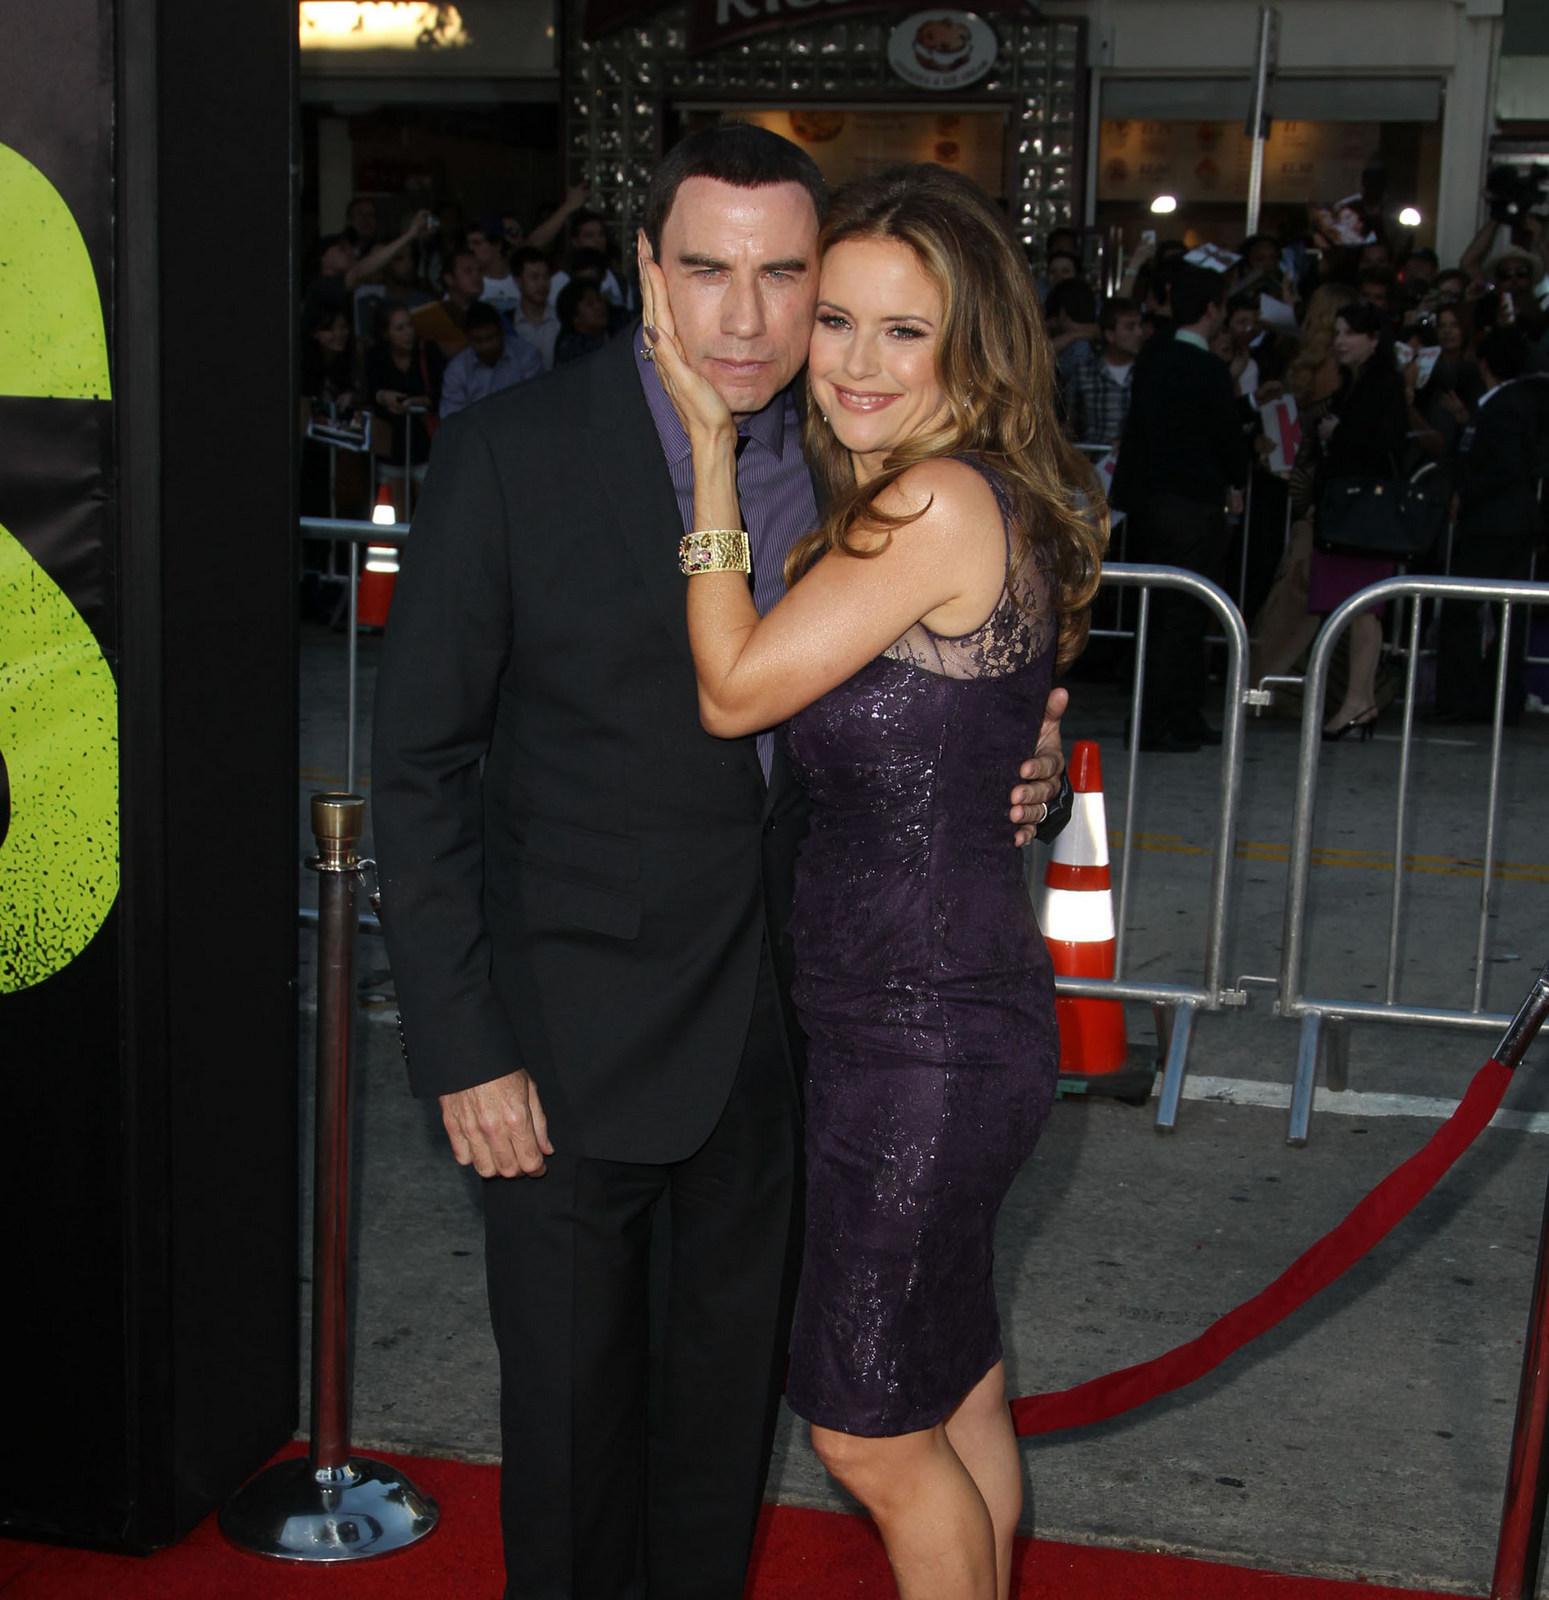 John Travolta Kelly Preston lawsuits PDA